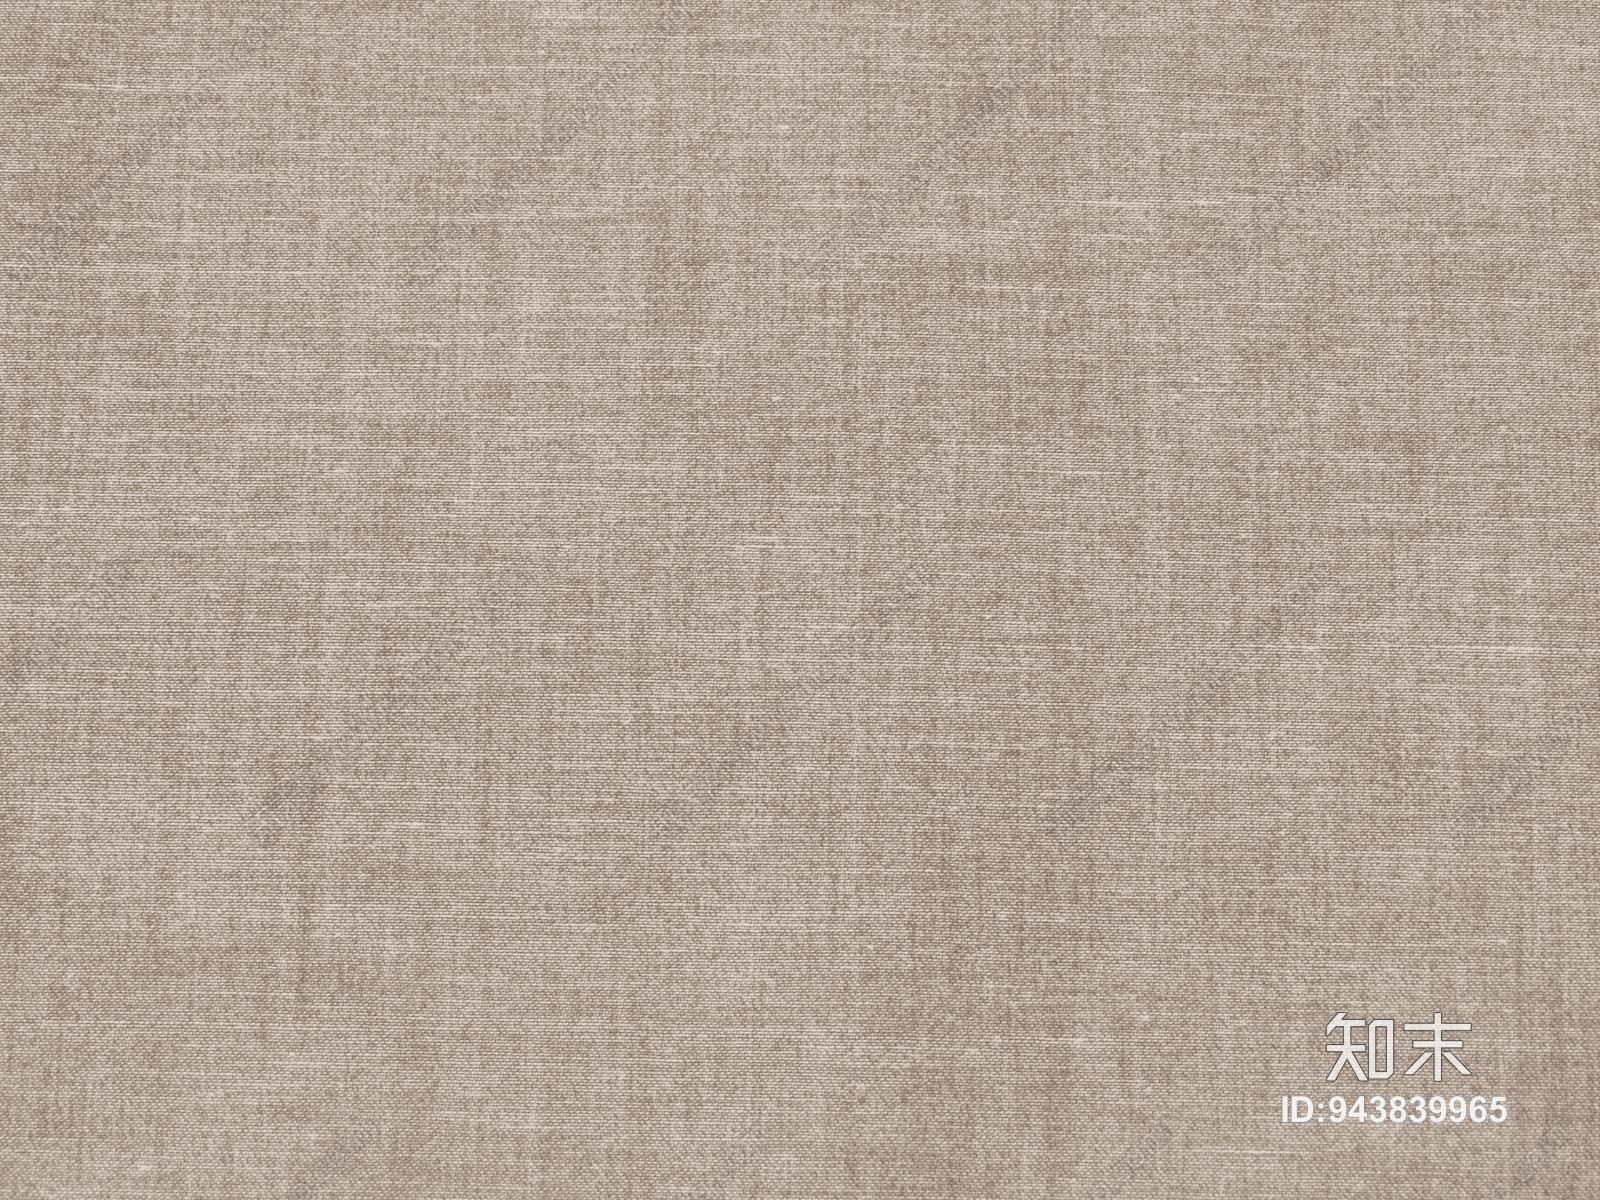 咖啡色布纹贴图_现代纯色棕色咖啡色布纹壁纸贴图下载【ID:943839965】_现代纯色 ...